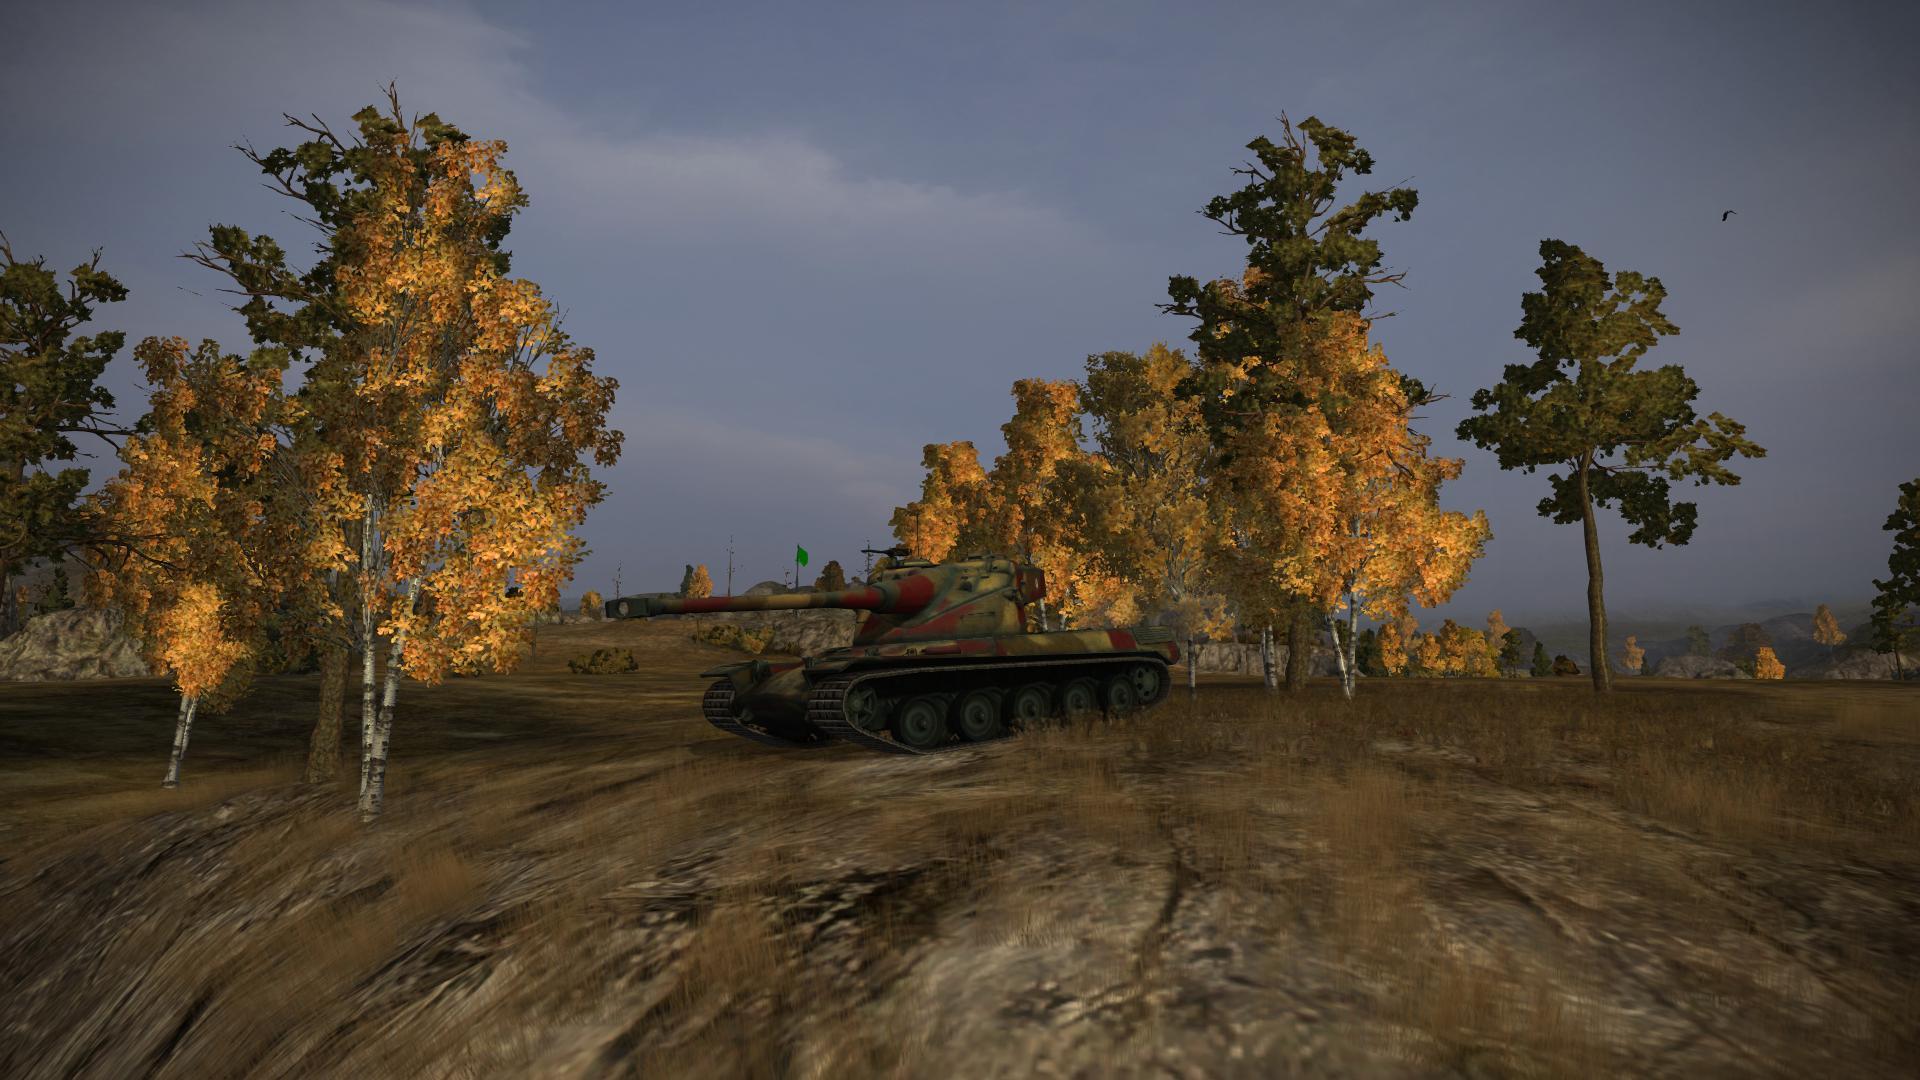 Klicke auf die Grafik für eine größere AnsichtName:AMX 50 B_1.jpgHits:84Größe:246,3 KBID:6071